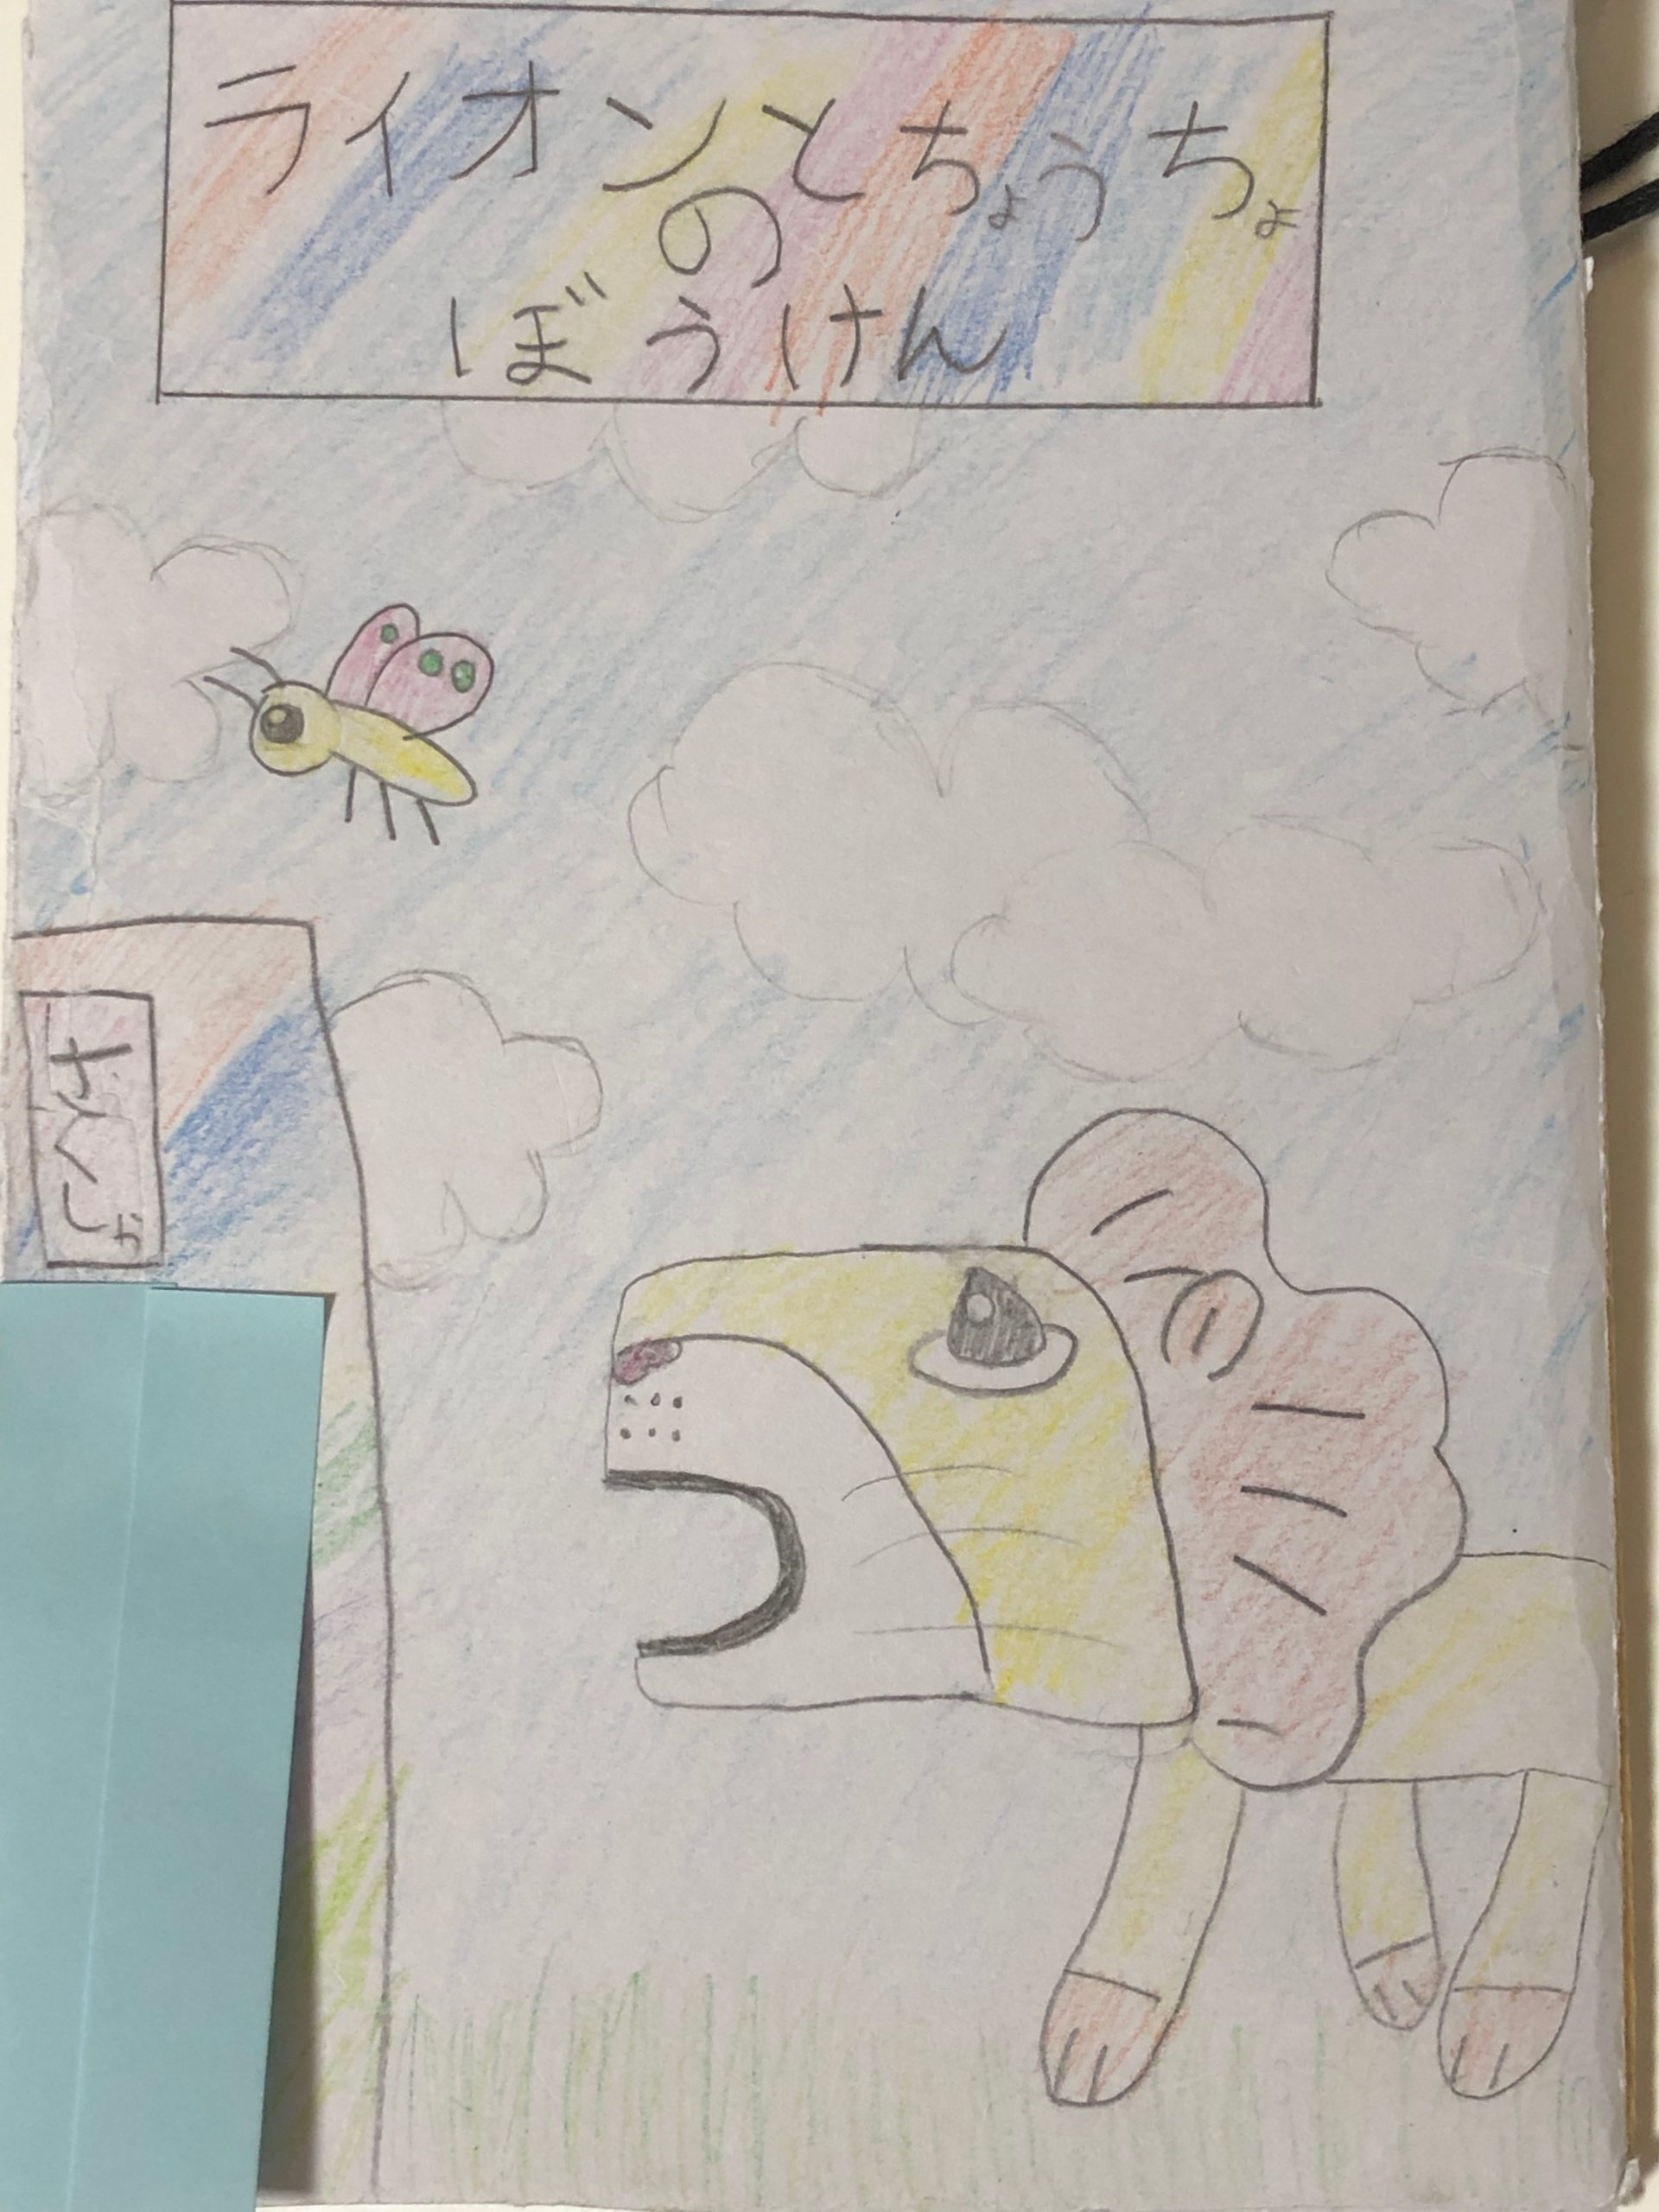 ライオンとちょうちょのぼうけん〜小学校2年生の想像力ってすごい〜